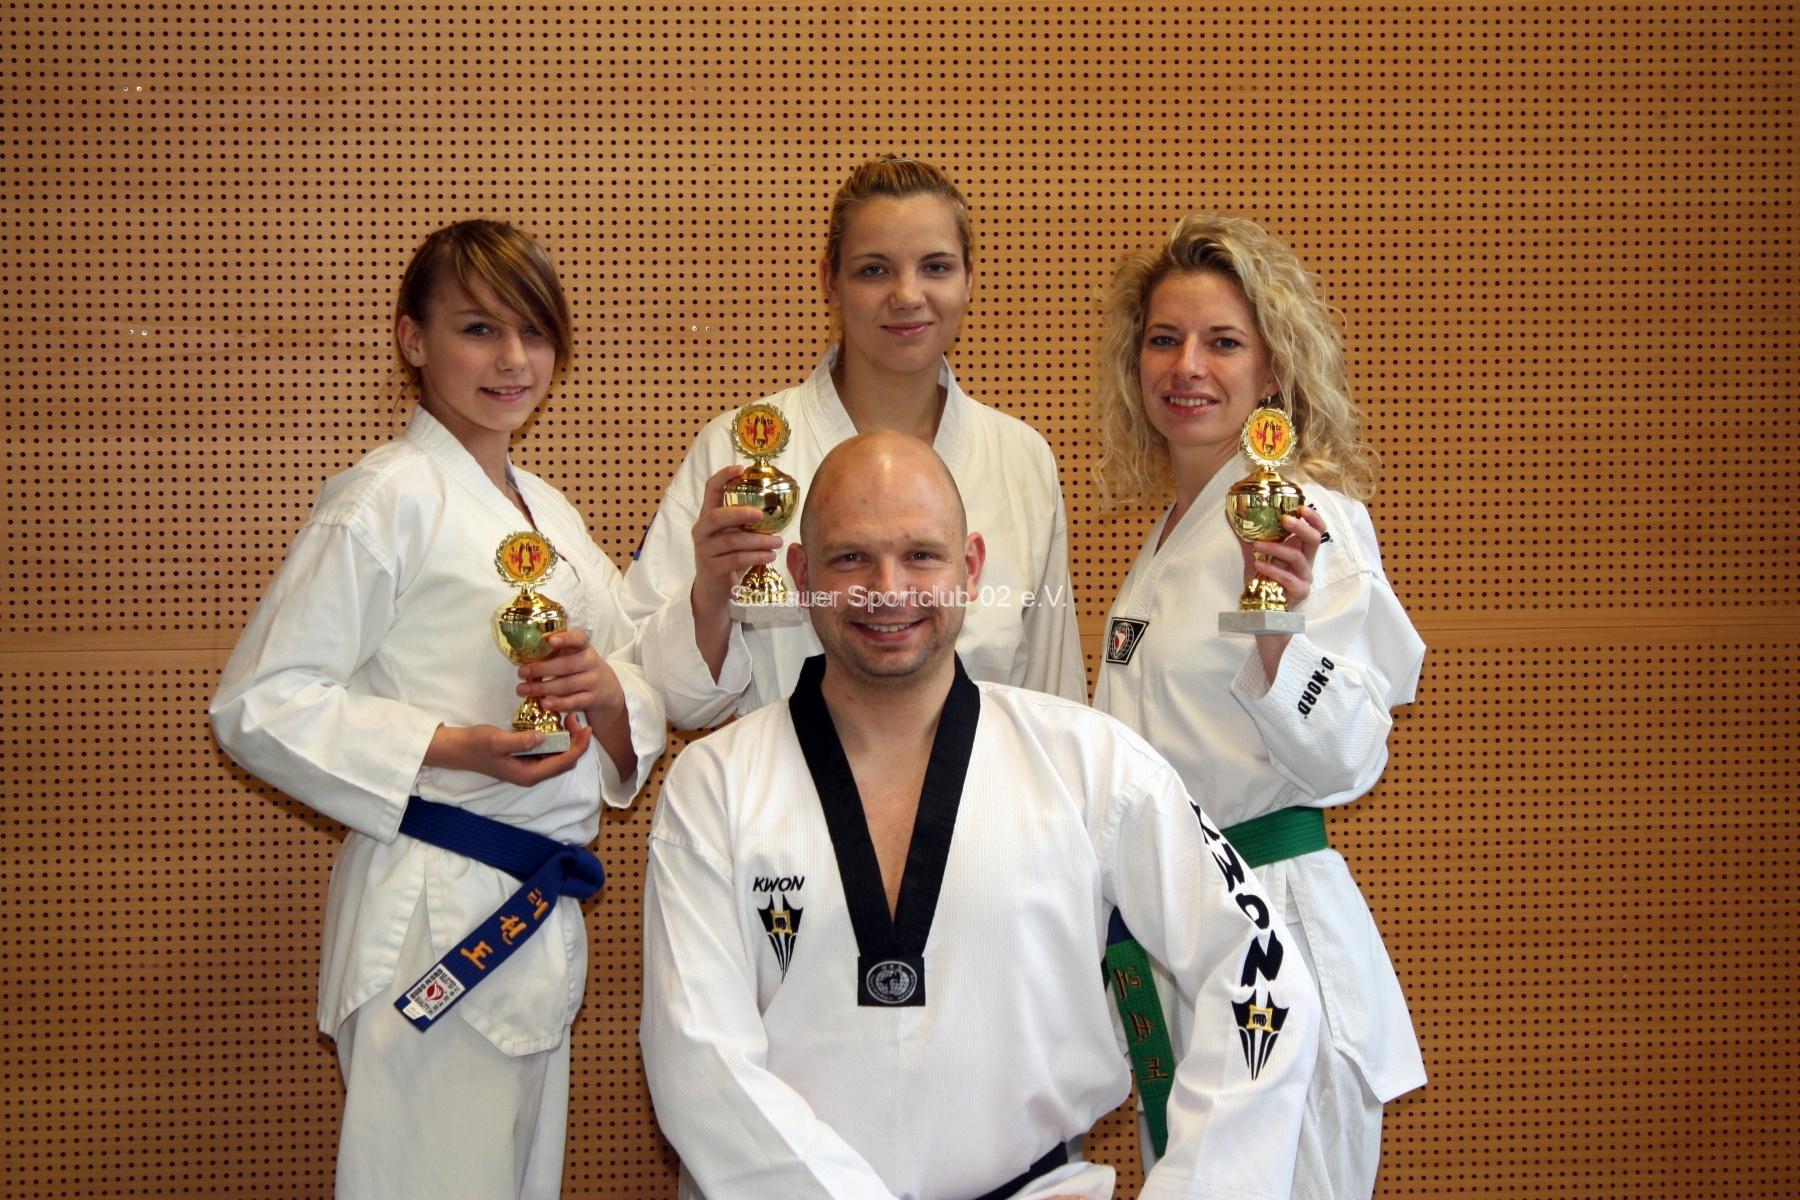 bericht-bild-tkd-erfolgreiche-taekwondo-frauen-power